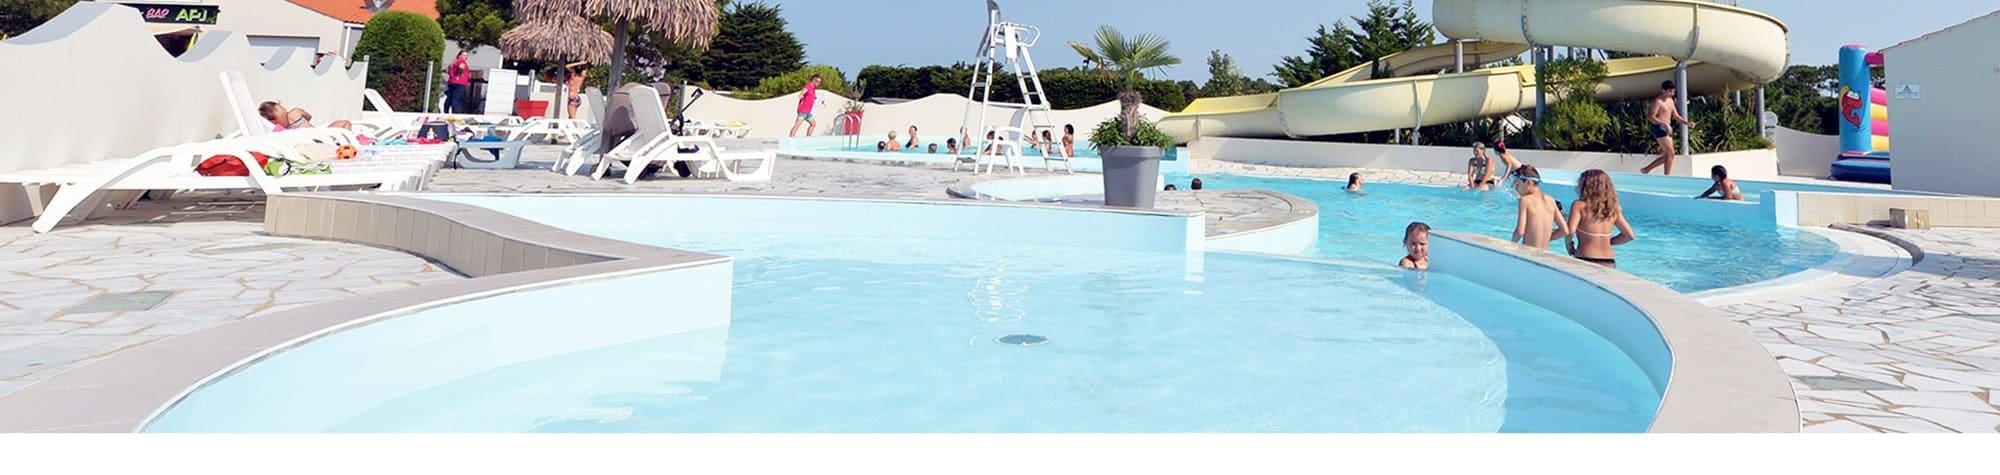 Camping noirmoutier avec piscine - Camping saint jean de luz avec piscine ...